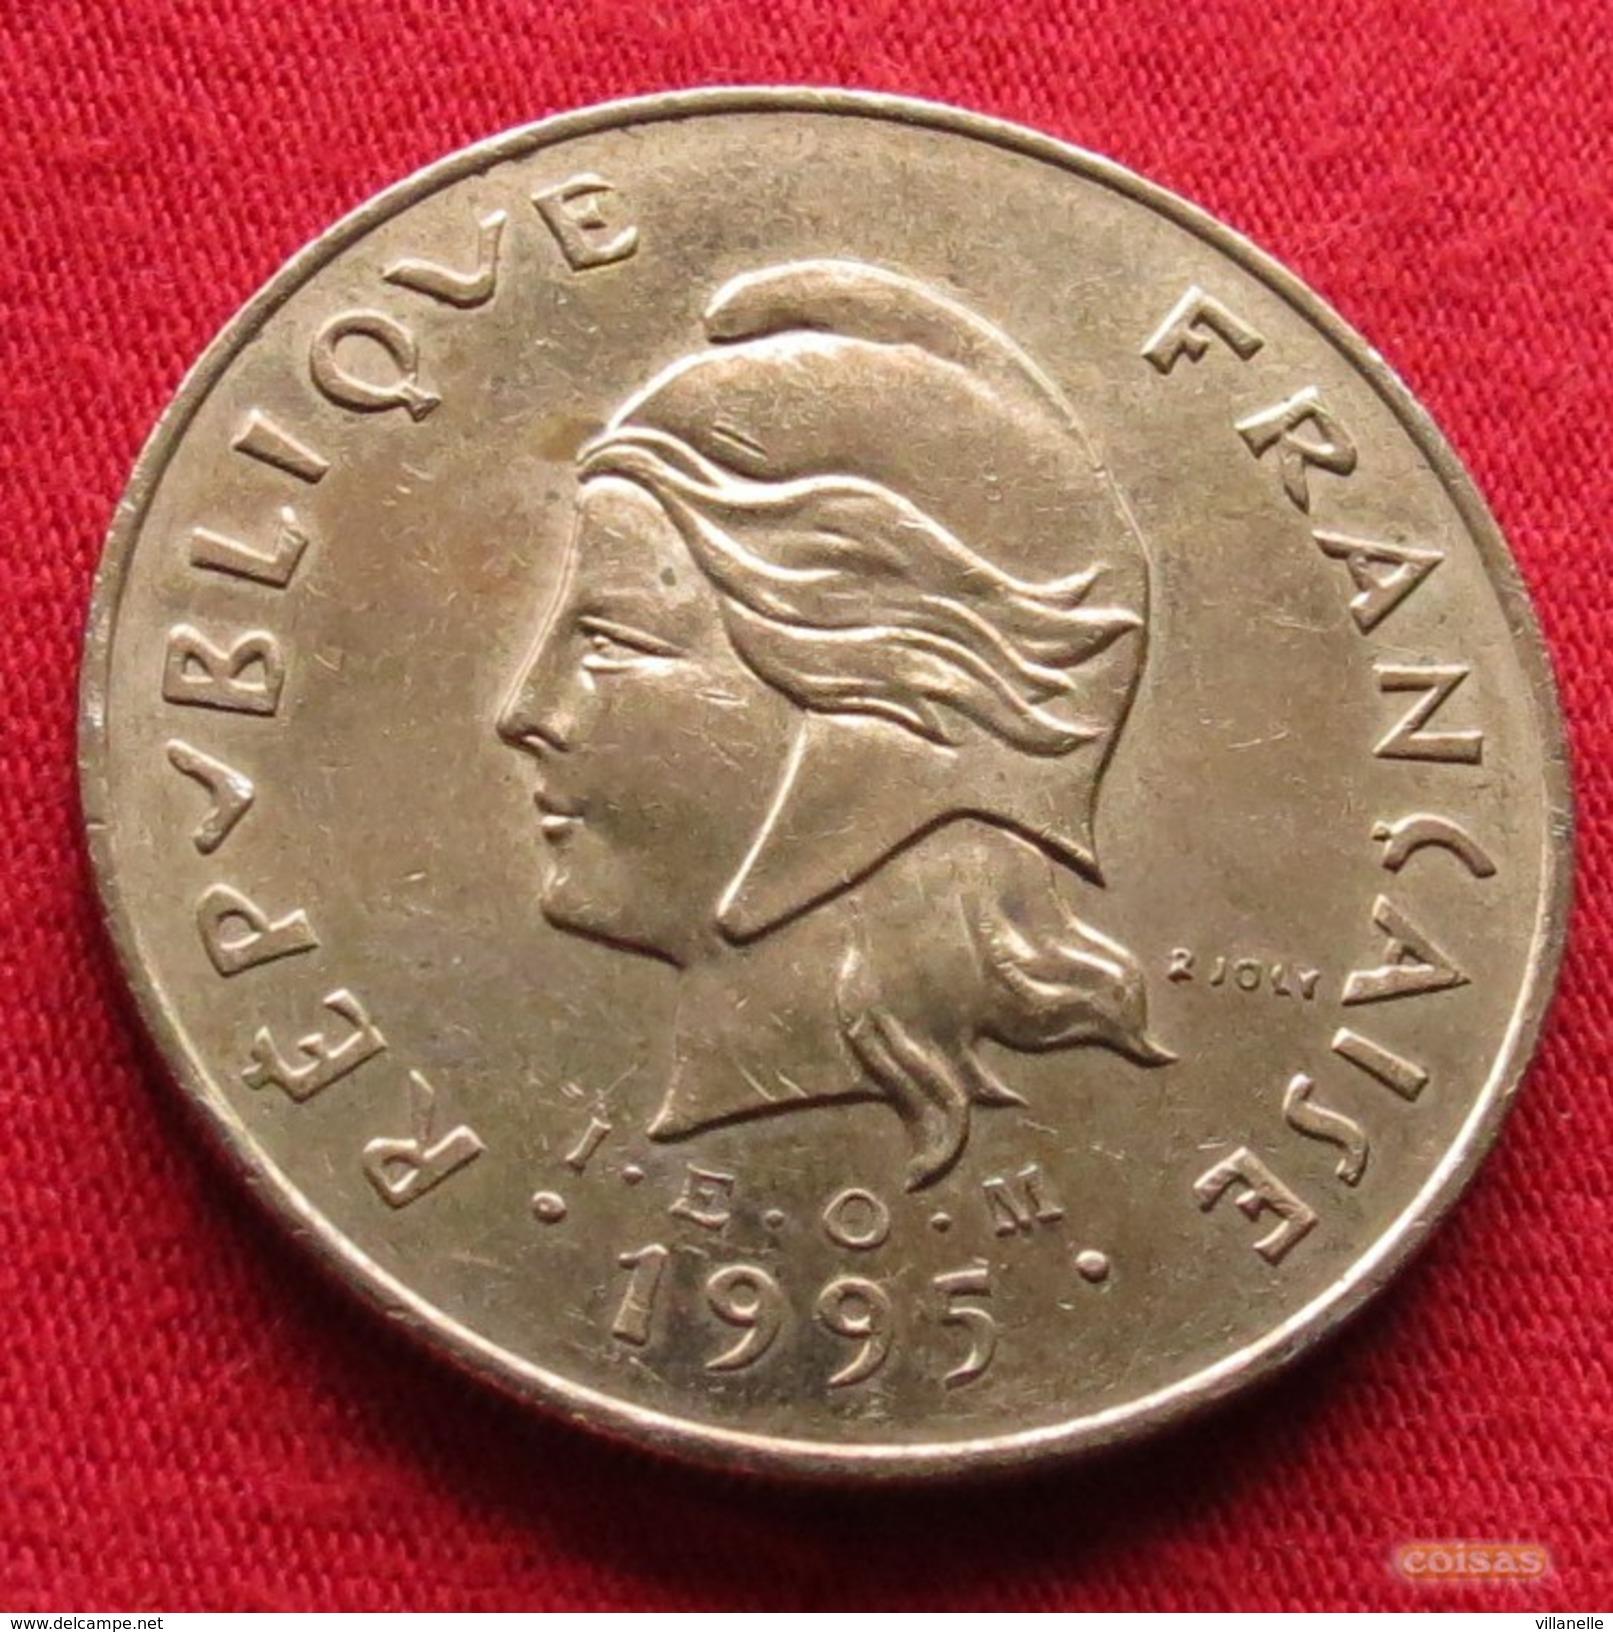 French Polynesia 100 Francs 1995 KM# 14 Polynesie Polinesia - Polynésie Française